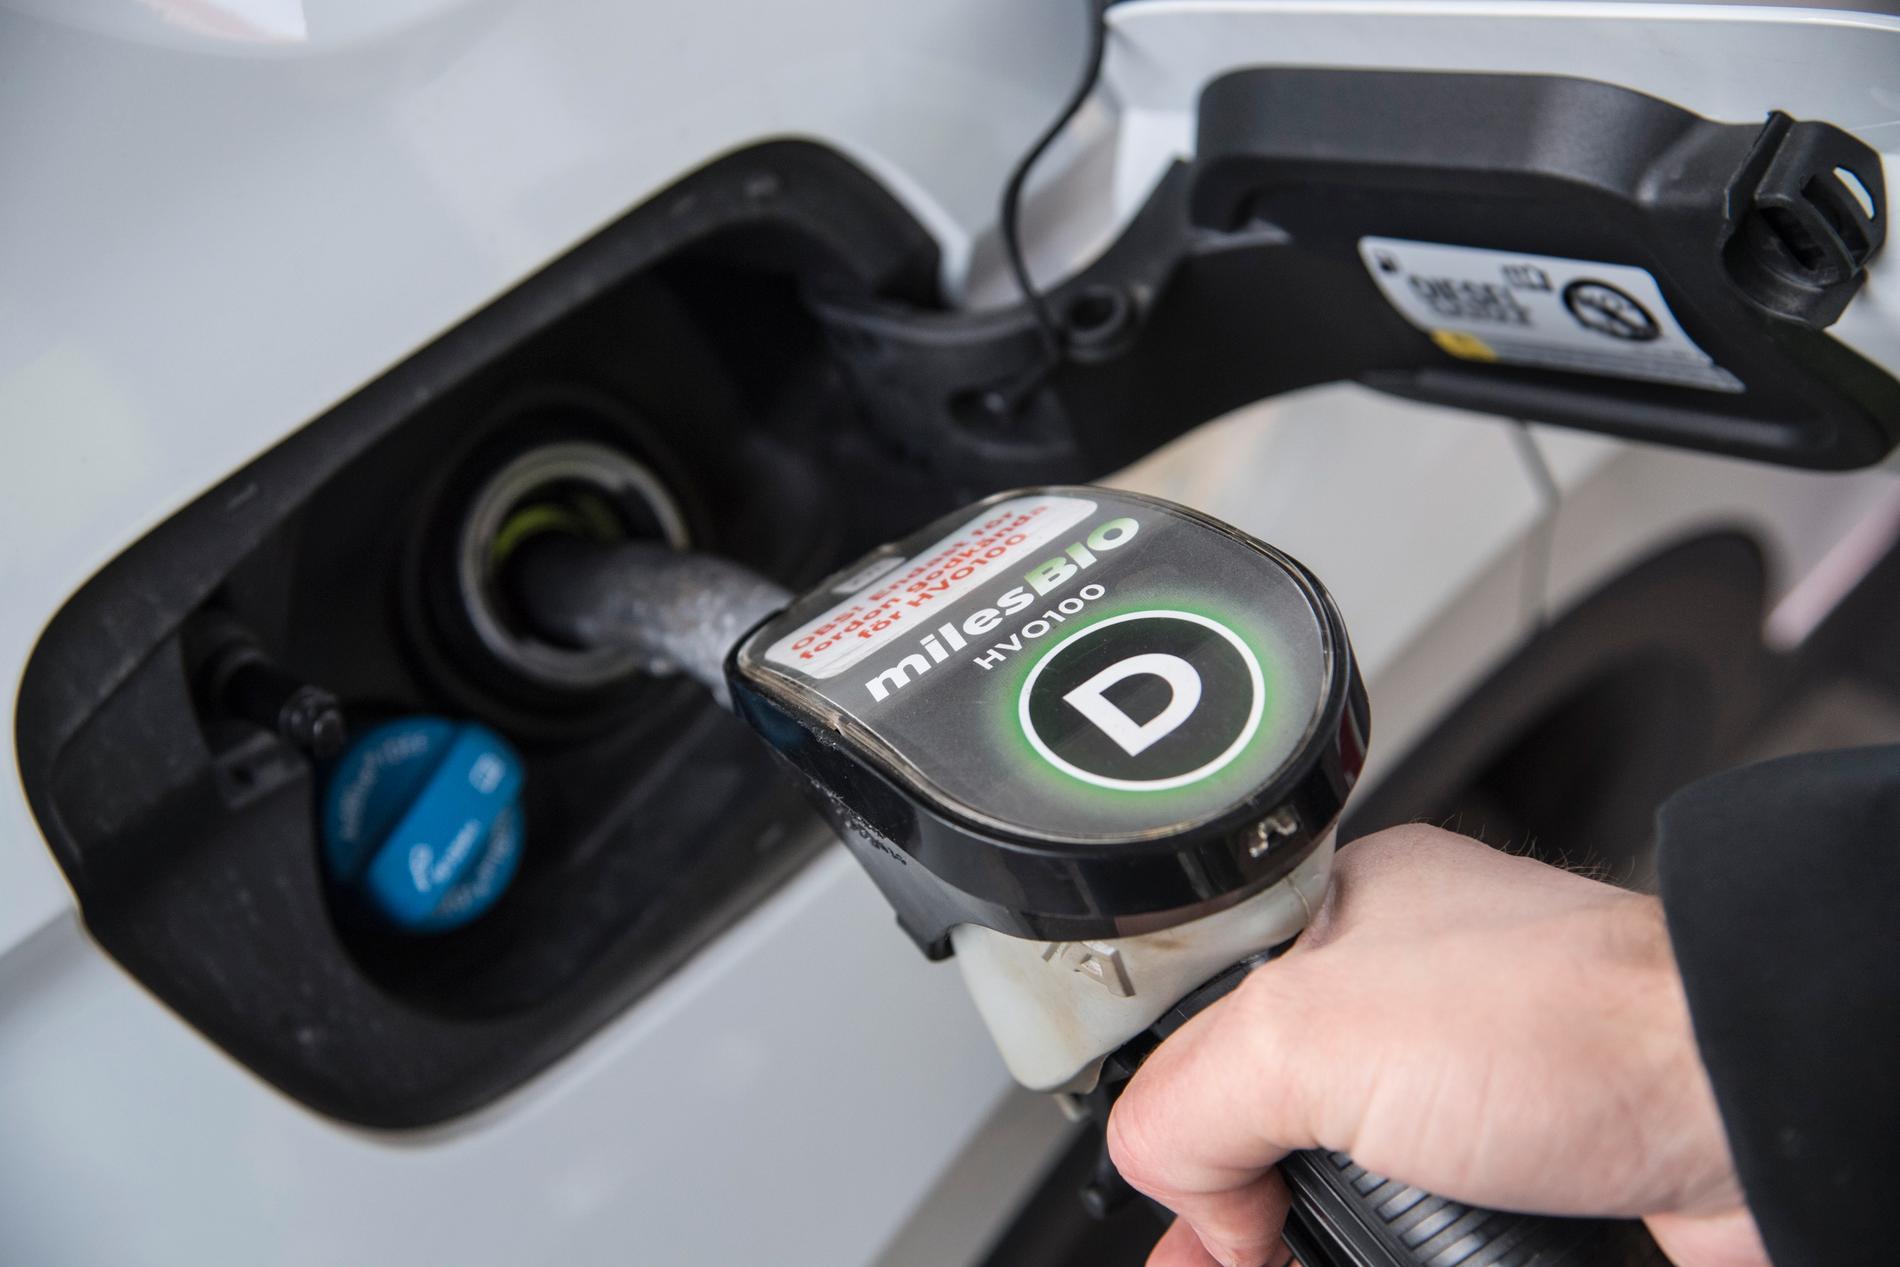 Från och med 1 augusti 2021 ska inblandningen av biodrivmedel öka i svenskt fordonsbränsle, och den 1 januari 2022 förbjuds bränslen som baseras på palmolja Arkivbild.